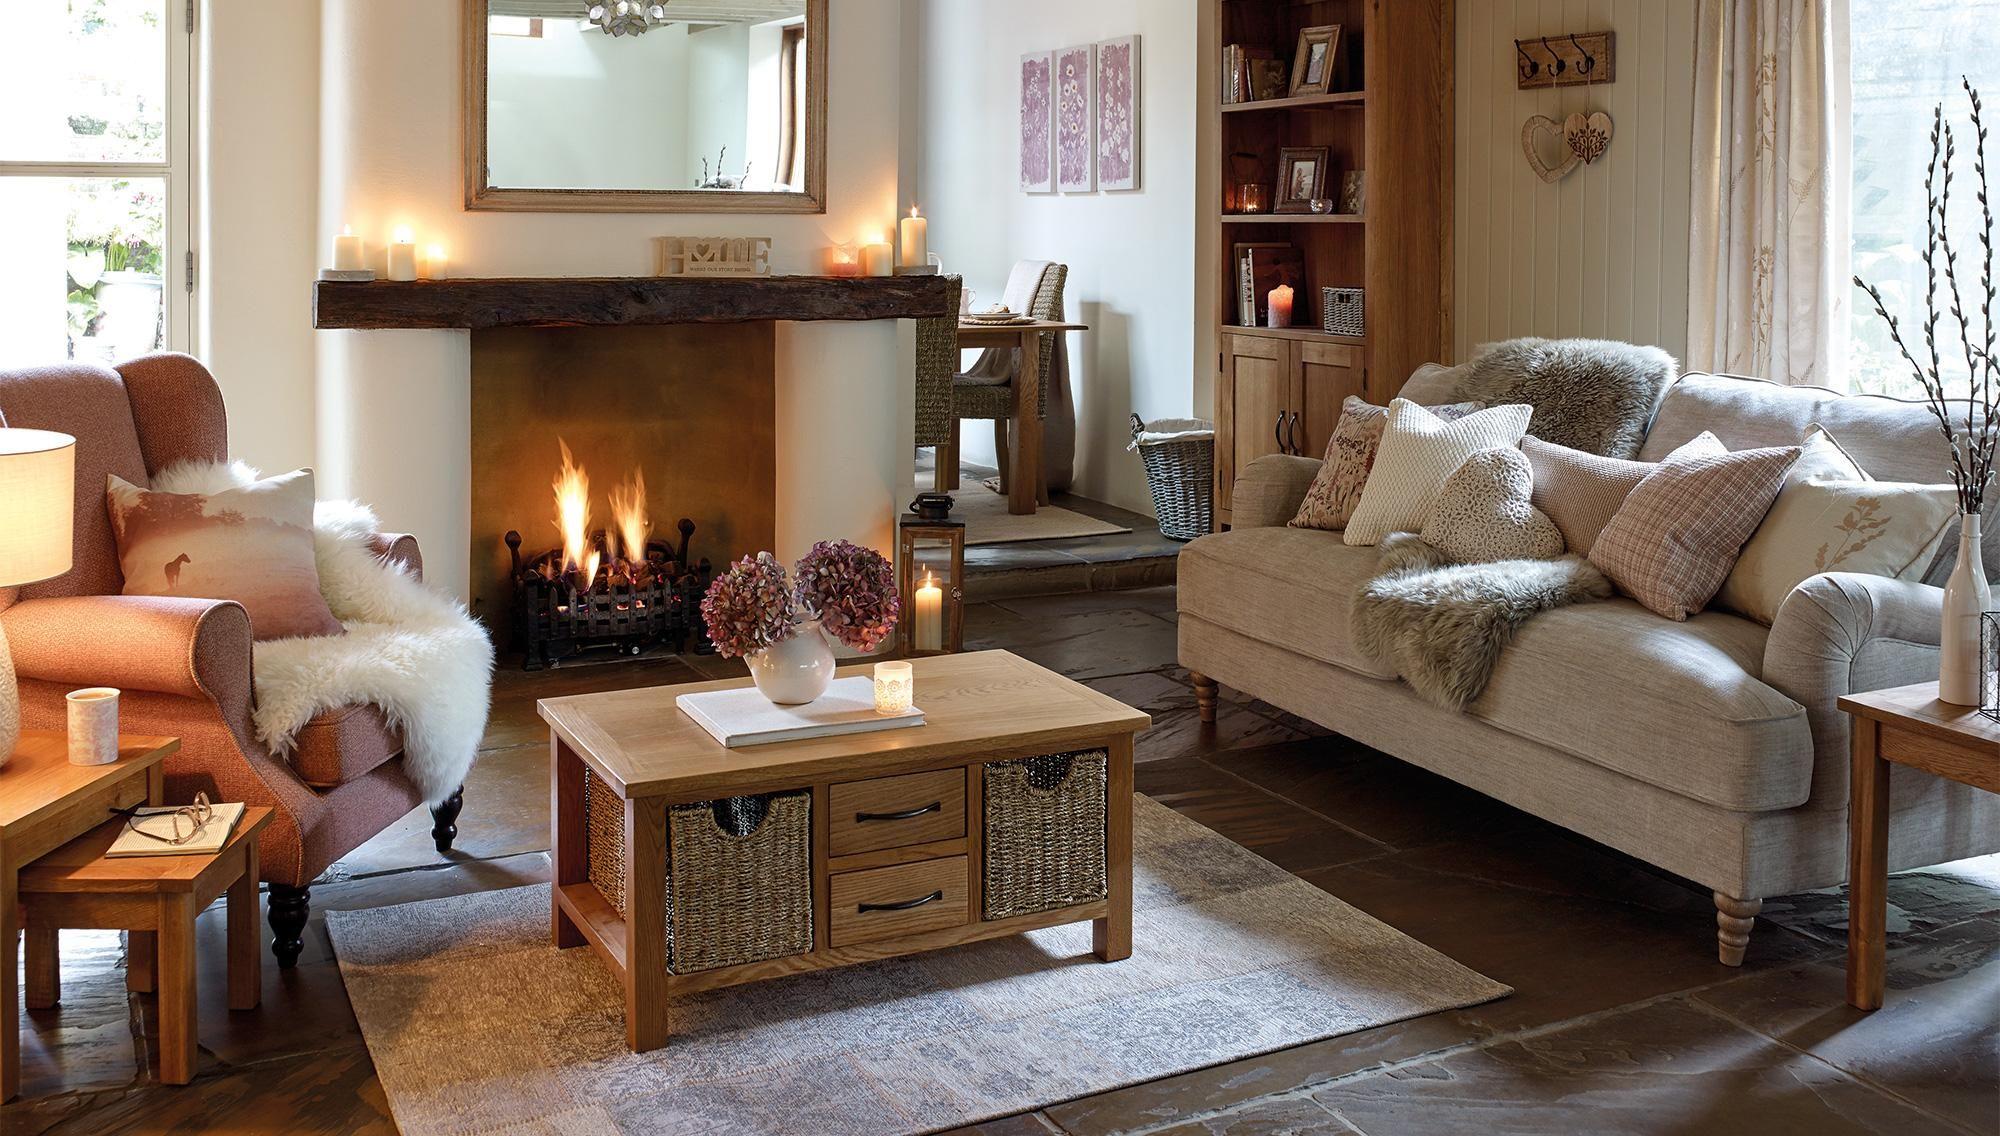 sidmouth oak furniture, from £89.99 | oak furniture living